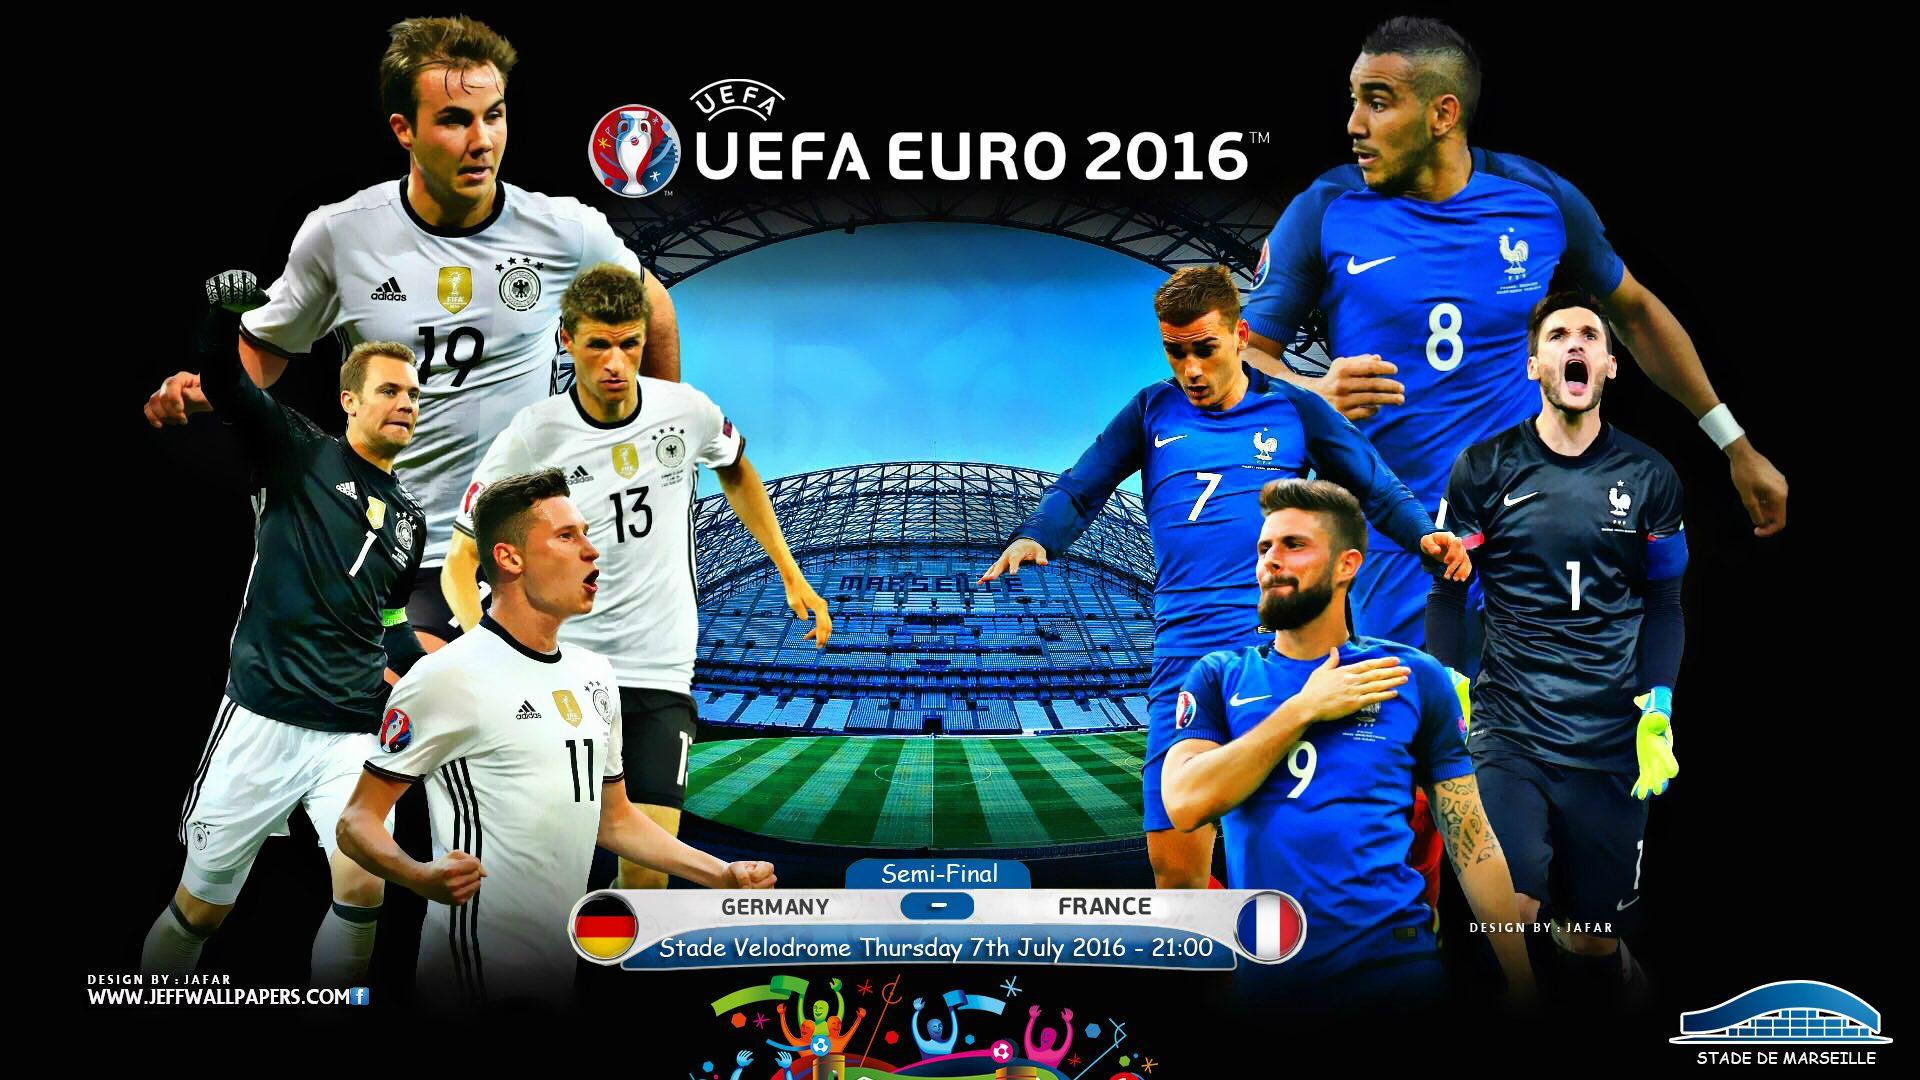 Матч 1/2 финала чемпионата Европы по футболу между сборными Германии и Франции станет событием в футбольной жизни всего мира.